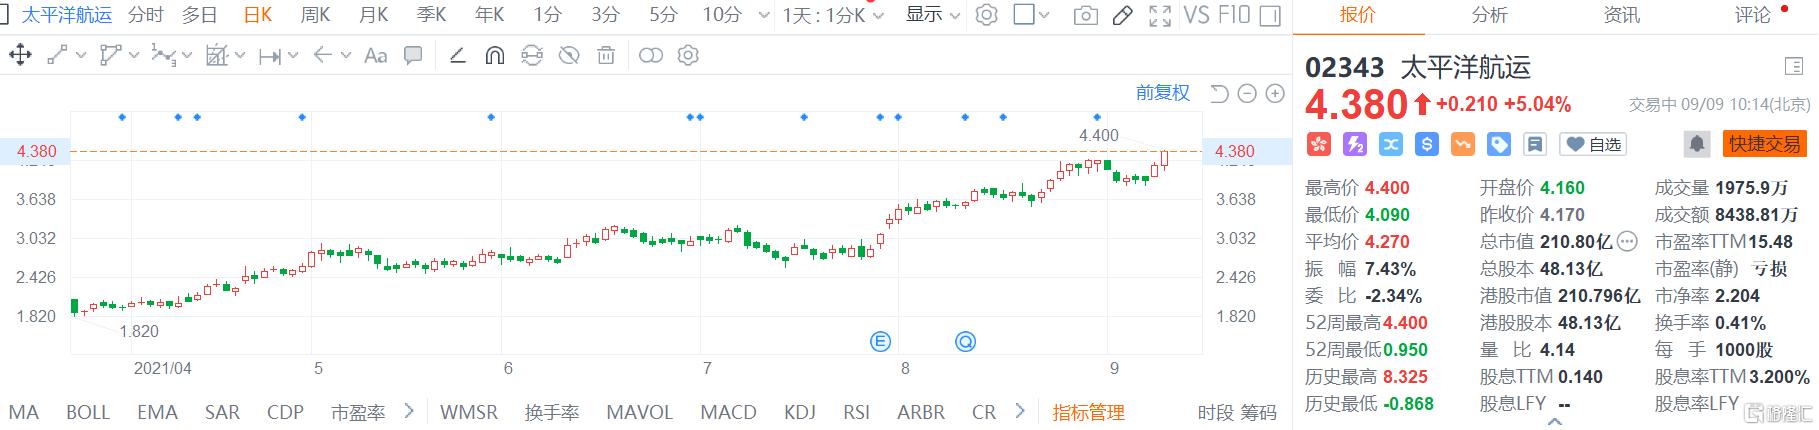 太平洋航运(2343.HK)股价继续走强,现报4.38港元